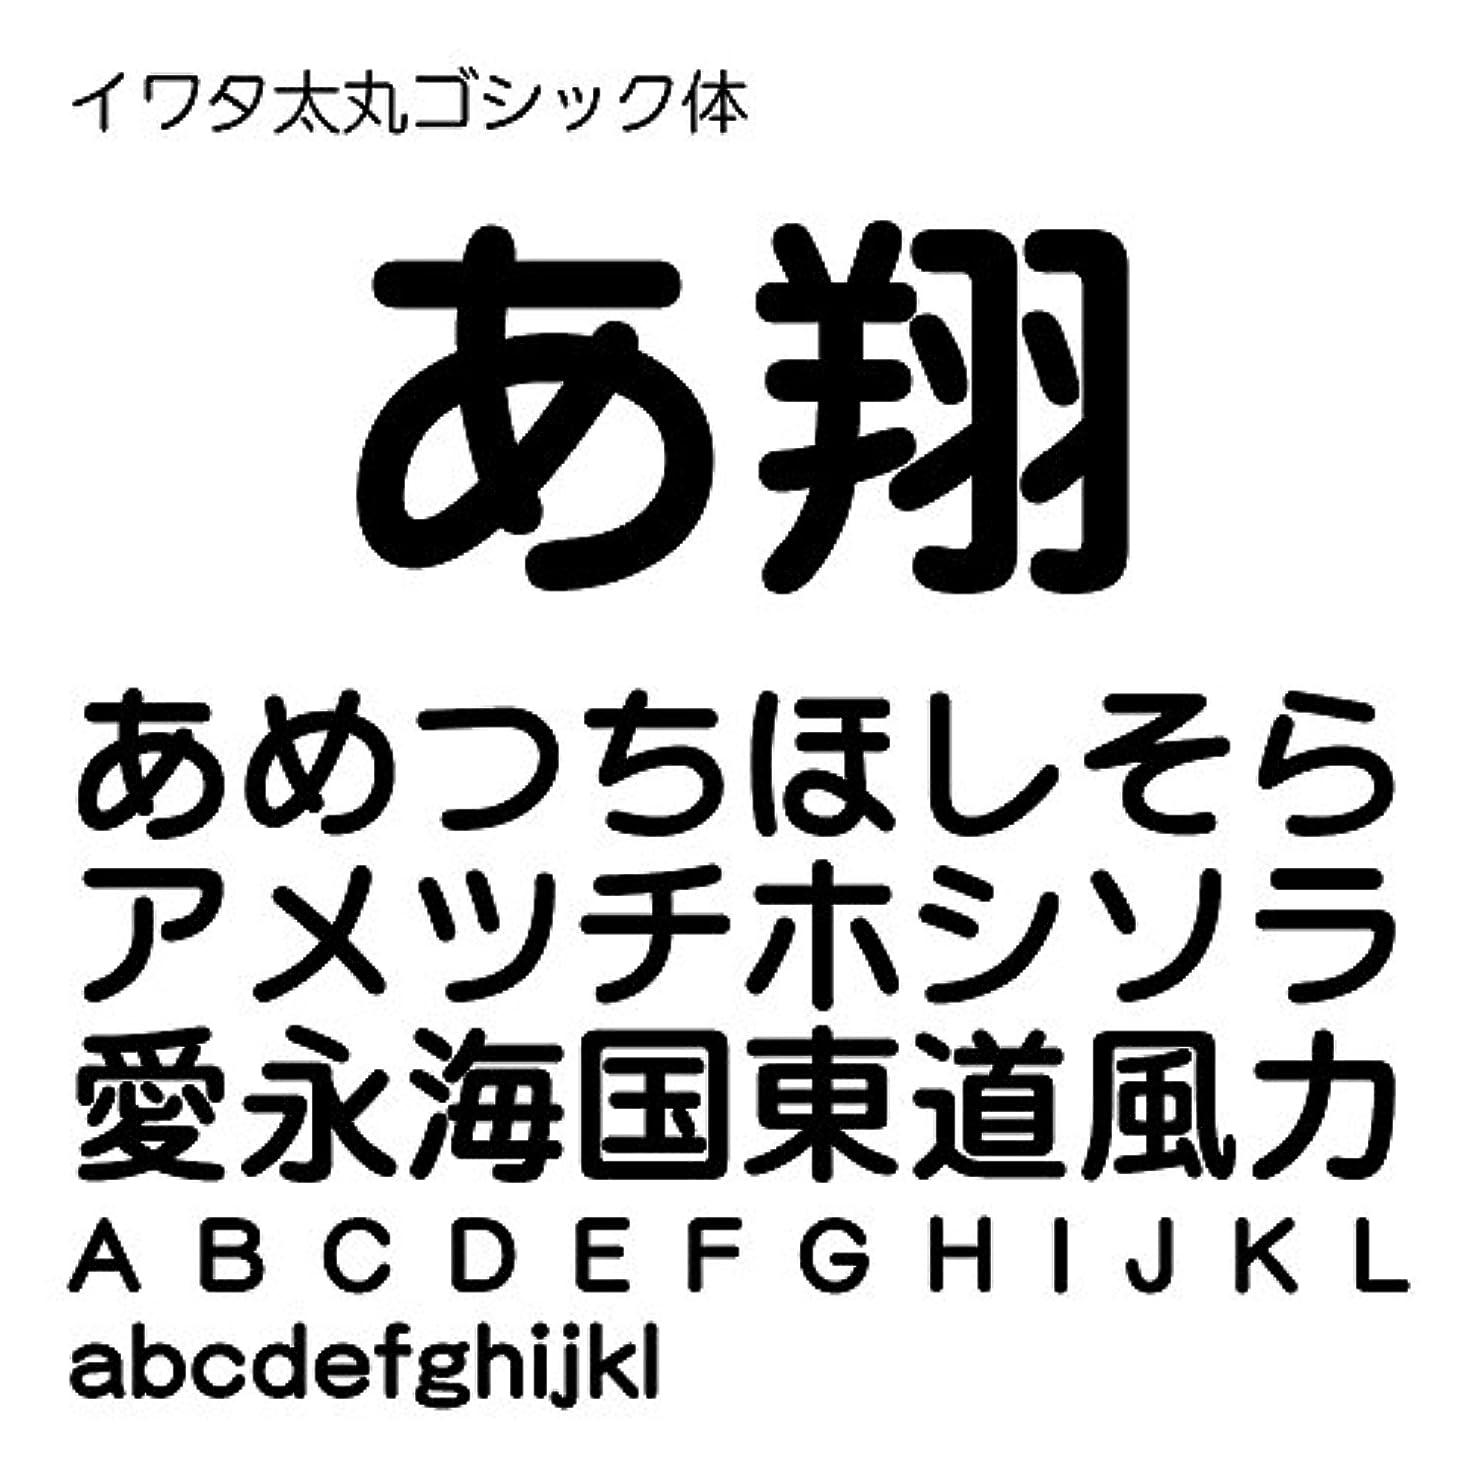 アプト手のひらメリーイワタ太丸ゴシック体 TrueType Font for Windows [ダウンロード]